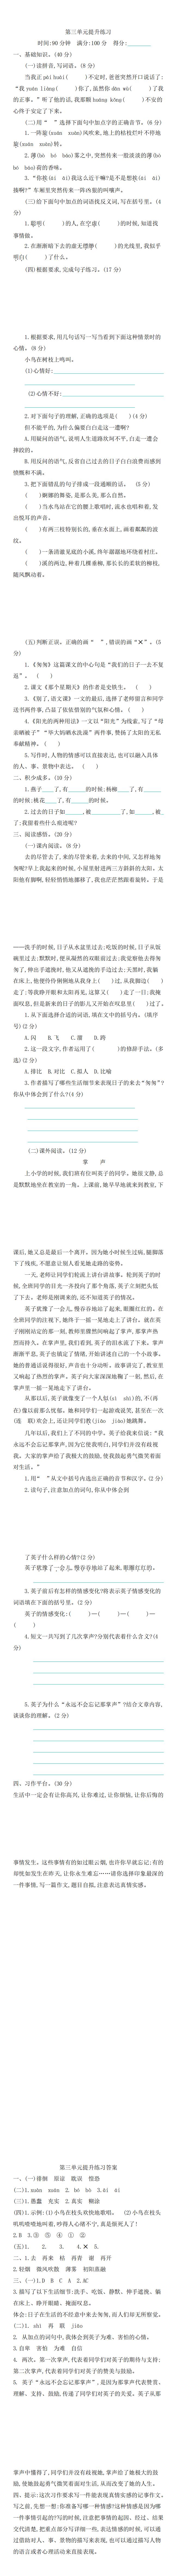 部编版语文六年级下册第三单元提升练习 (含答案)_0.png